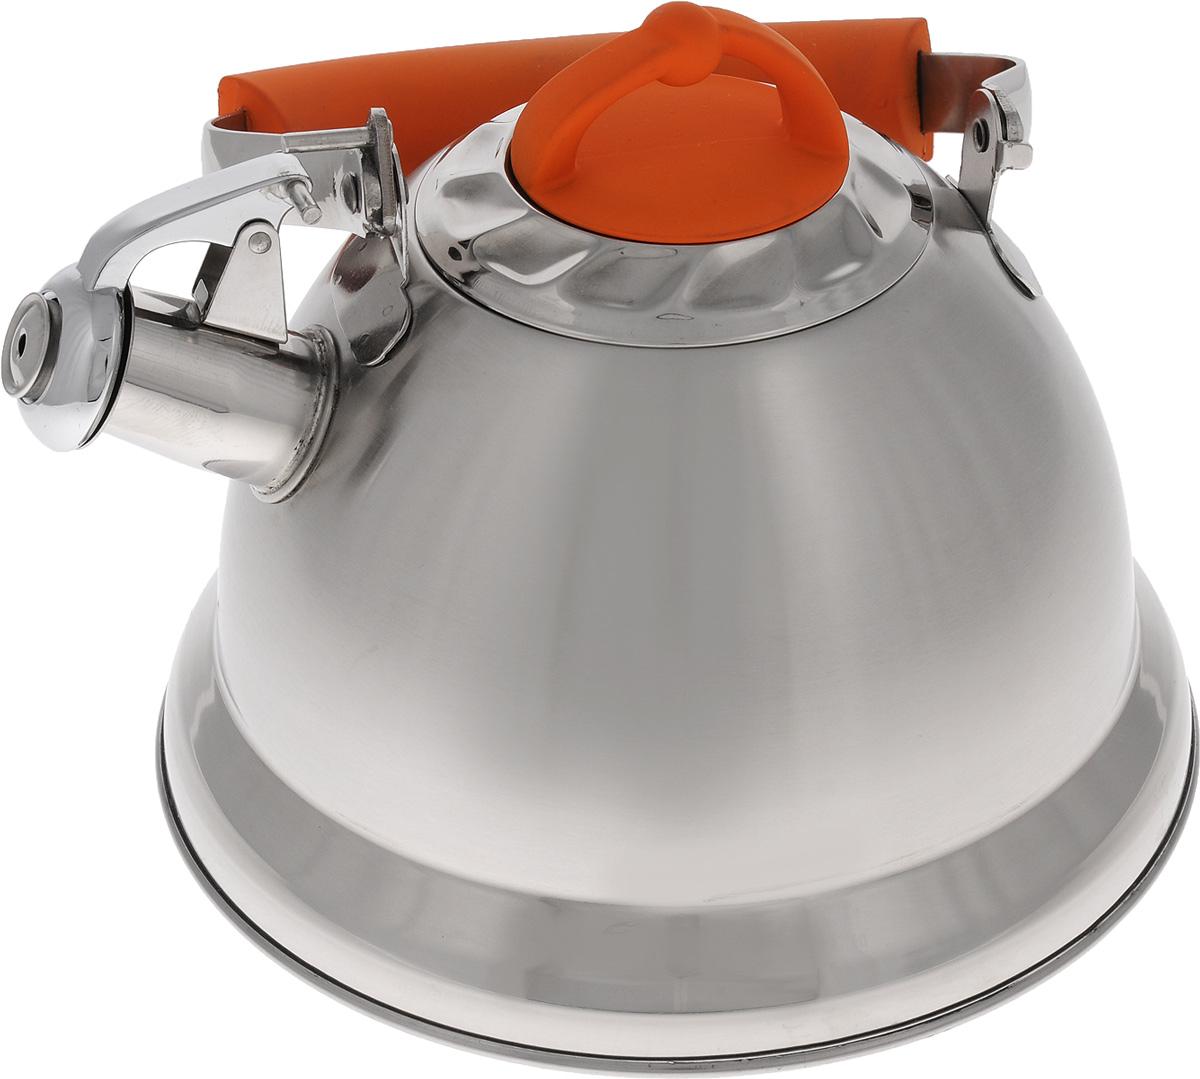 Чайник Mayer & Boch, со свистком, цвет: стальной, оранжевый, 3,2 л. 2278222782Чайник Mayer & Boch изготовлен из высококачественной нержавеющей стали, что делает его весьма гигиеничным и устойчивым к износу при длительном использовании. Капсулированное дно обеспечивает равномерный и быстрый нагрев, поэтому вода закипает гораздо быстрее, чем в обычных чайниках. Чайник оснащен откидным свистком, звуковой сигнал которого подскажет, когда закипит вода. Подвижная ручка изготовлена из стали и бакелита. Чайник Mayer & Boch идеально впишется в интерьер любой кухни и станет замечательным подарком к любому случаю. Подходит для газовых, стеклокерамических, индукционных и электрических плит. Можно мыть в посудомоечной машине. Высота чайника (без учета ручки и крышки): 13,5 см. Высота чайника (с учетом ручки и крышки): 24 см. Диаметр чайника (по верхнему краю): 10,5 см.